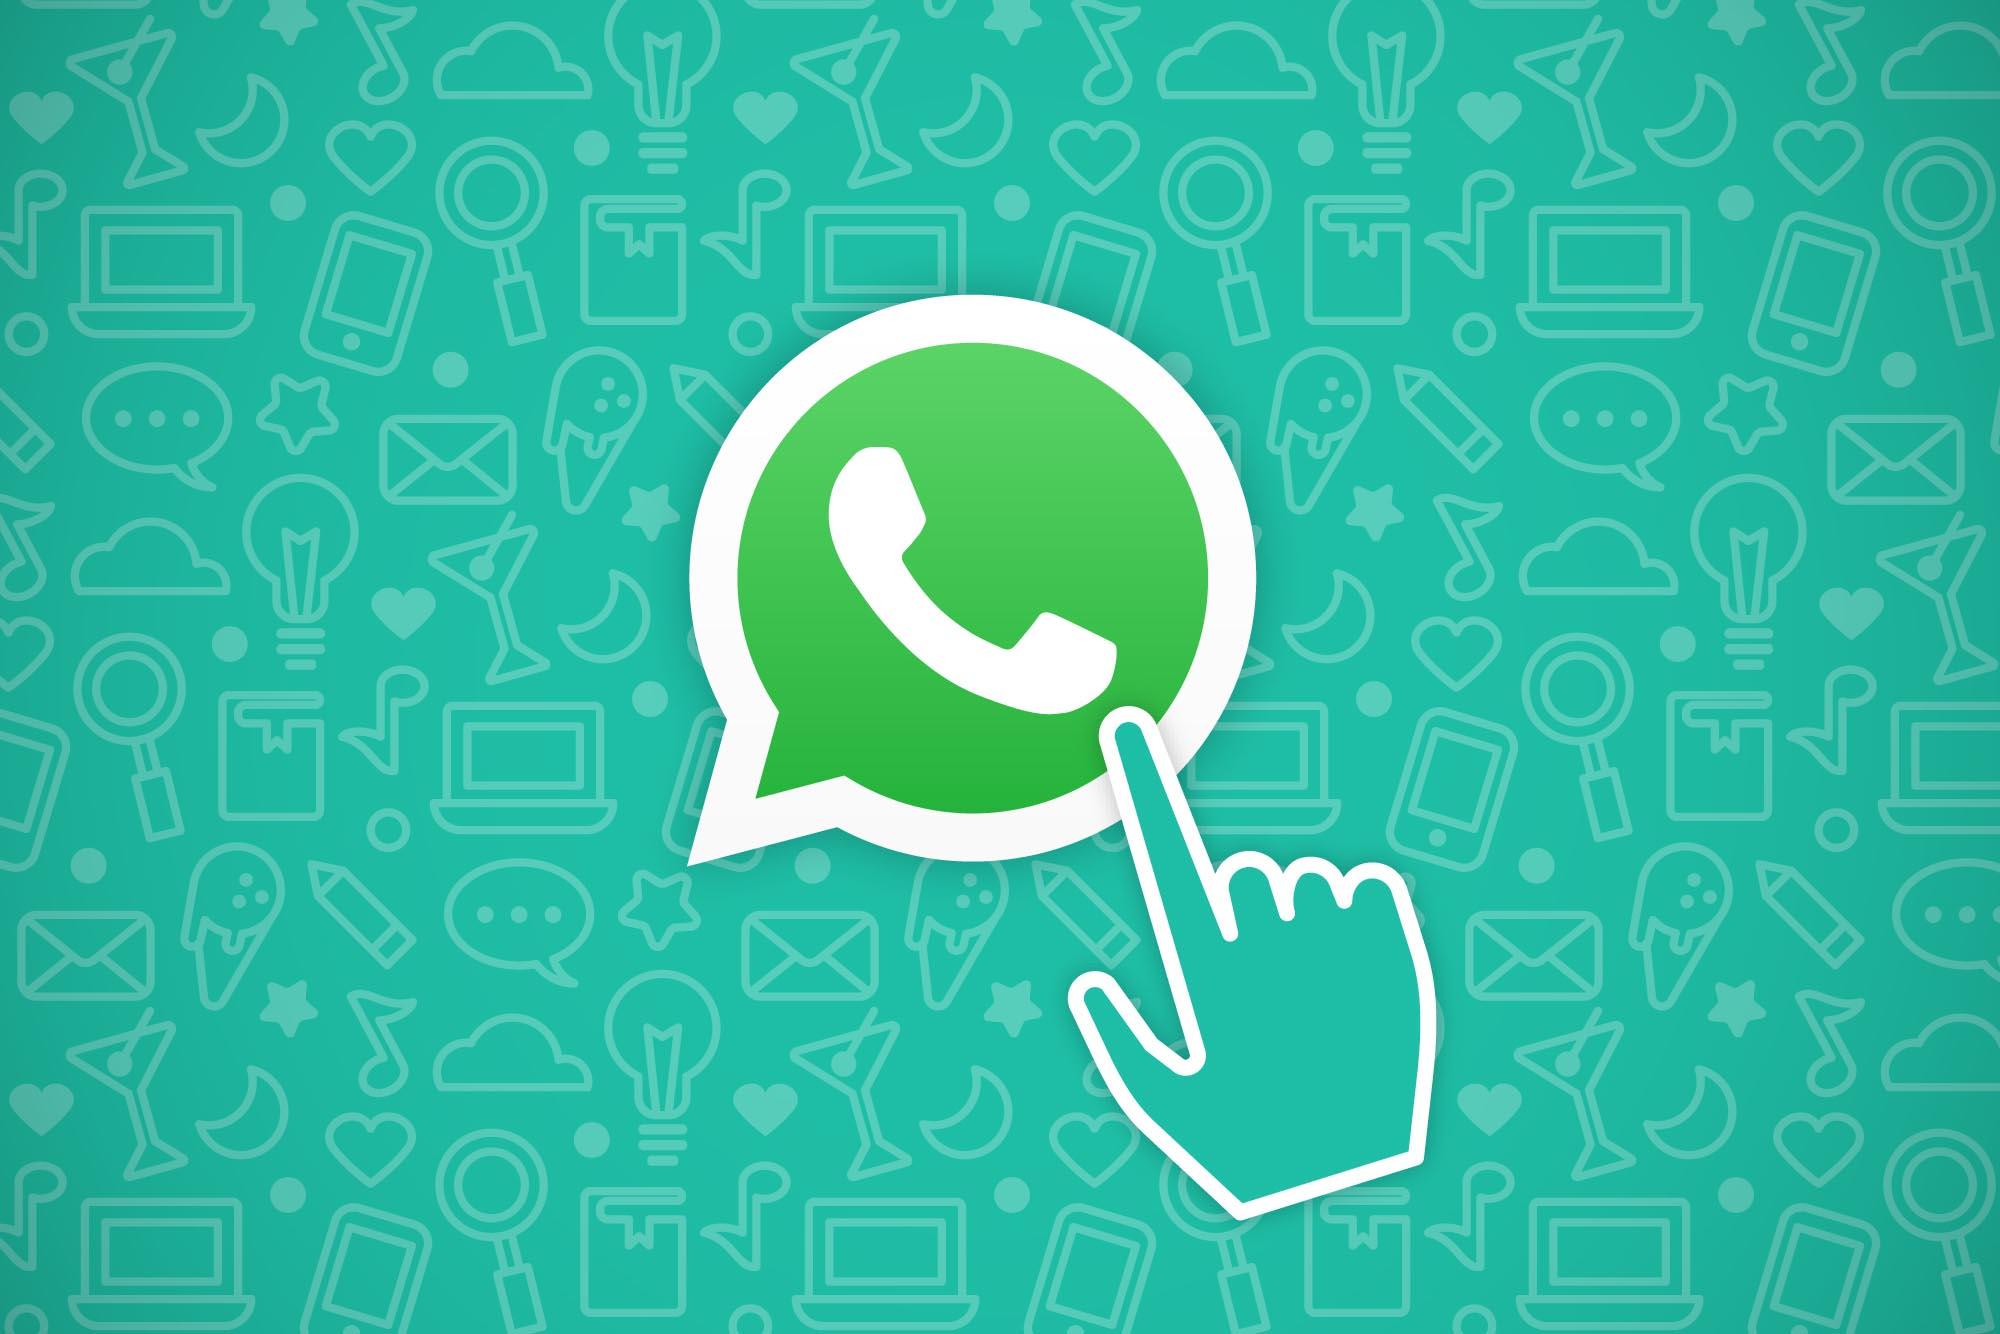 Compartilhamento de dados entre o WhatsApp e o Facebook: entenda o que se sabe e o que falta esclarecer